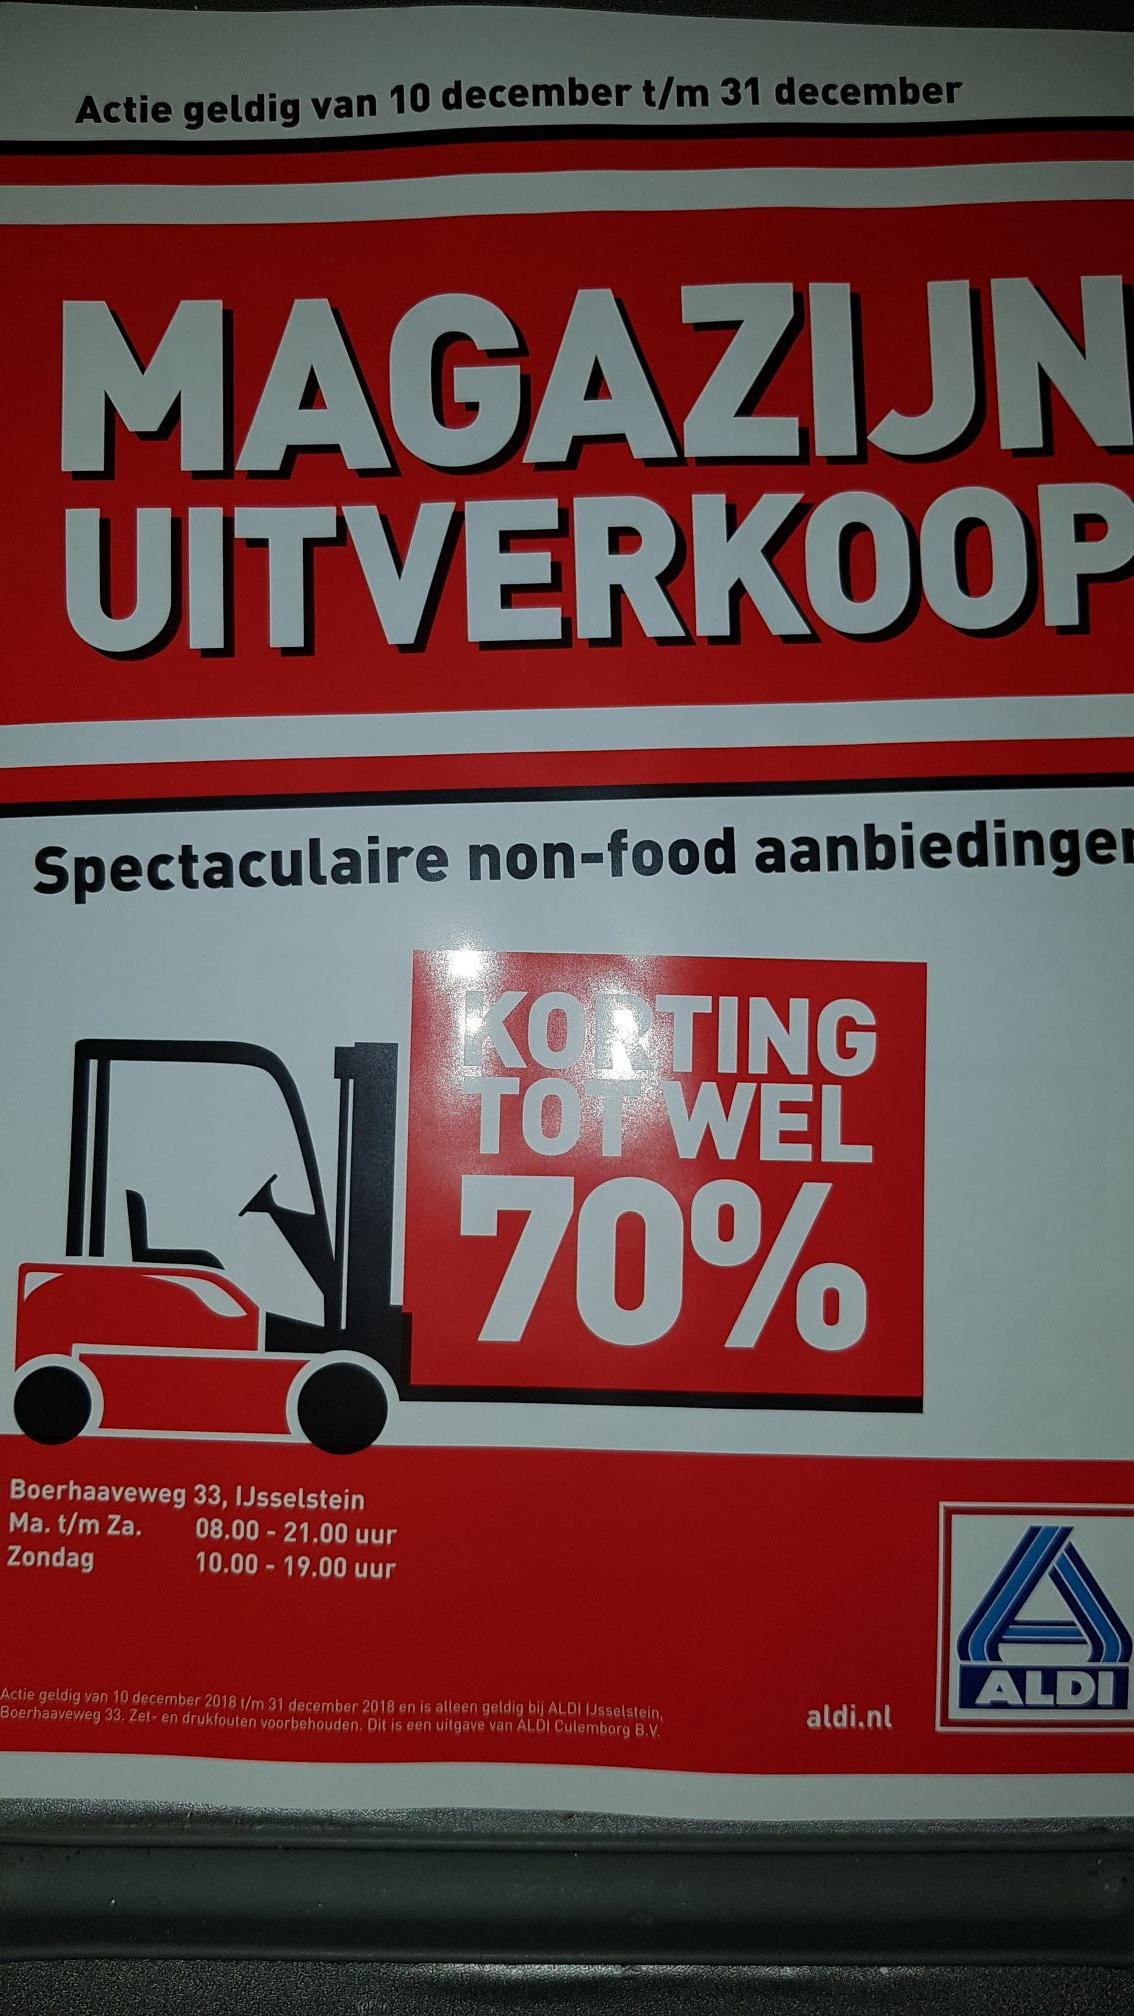 Aldi IJsselstein Magazijn Uitverkoop tot 70% (non-food)